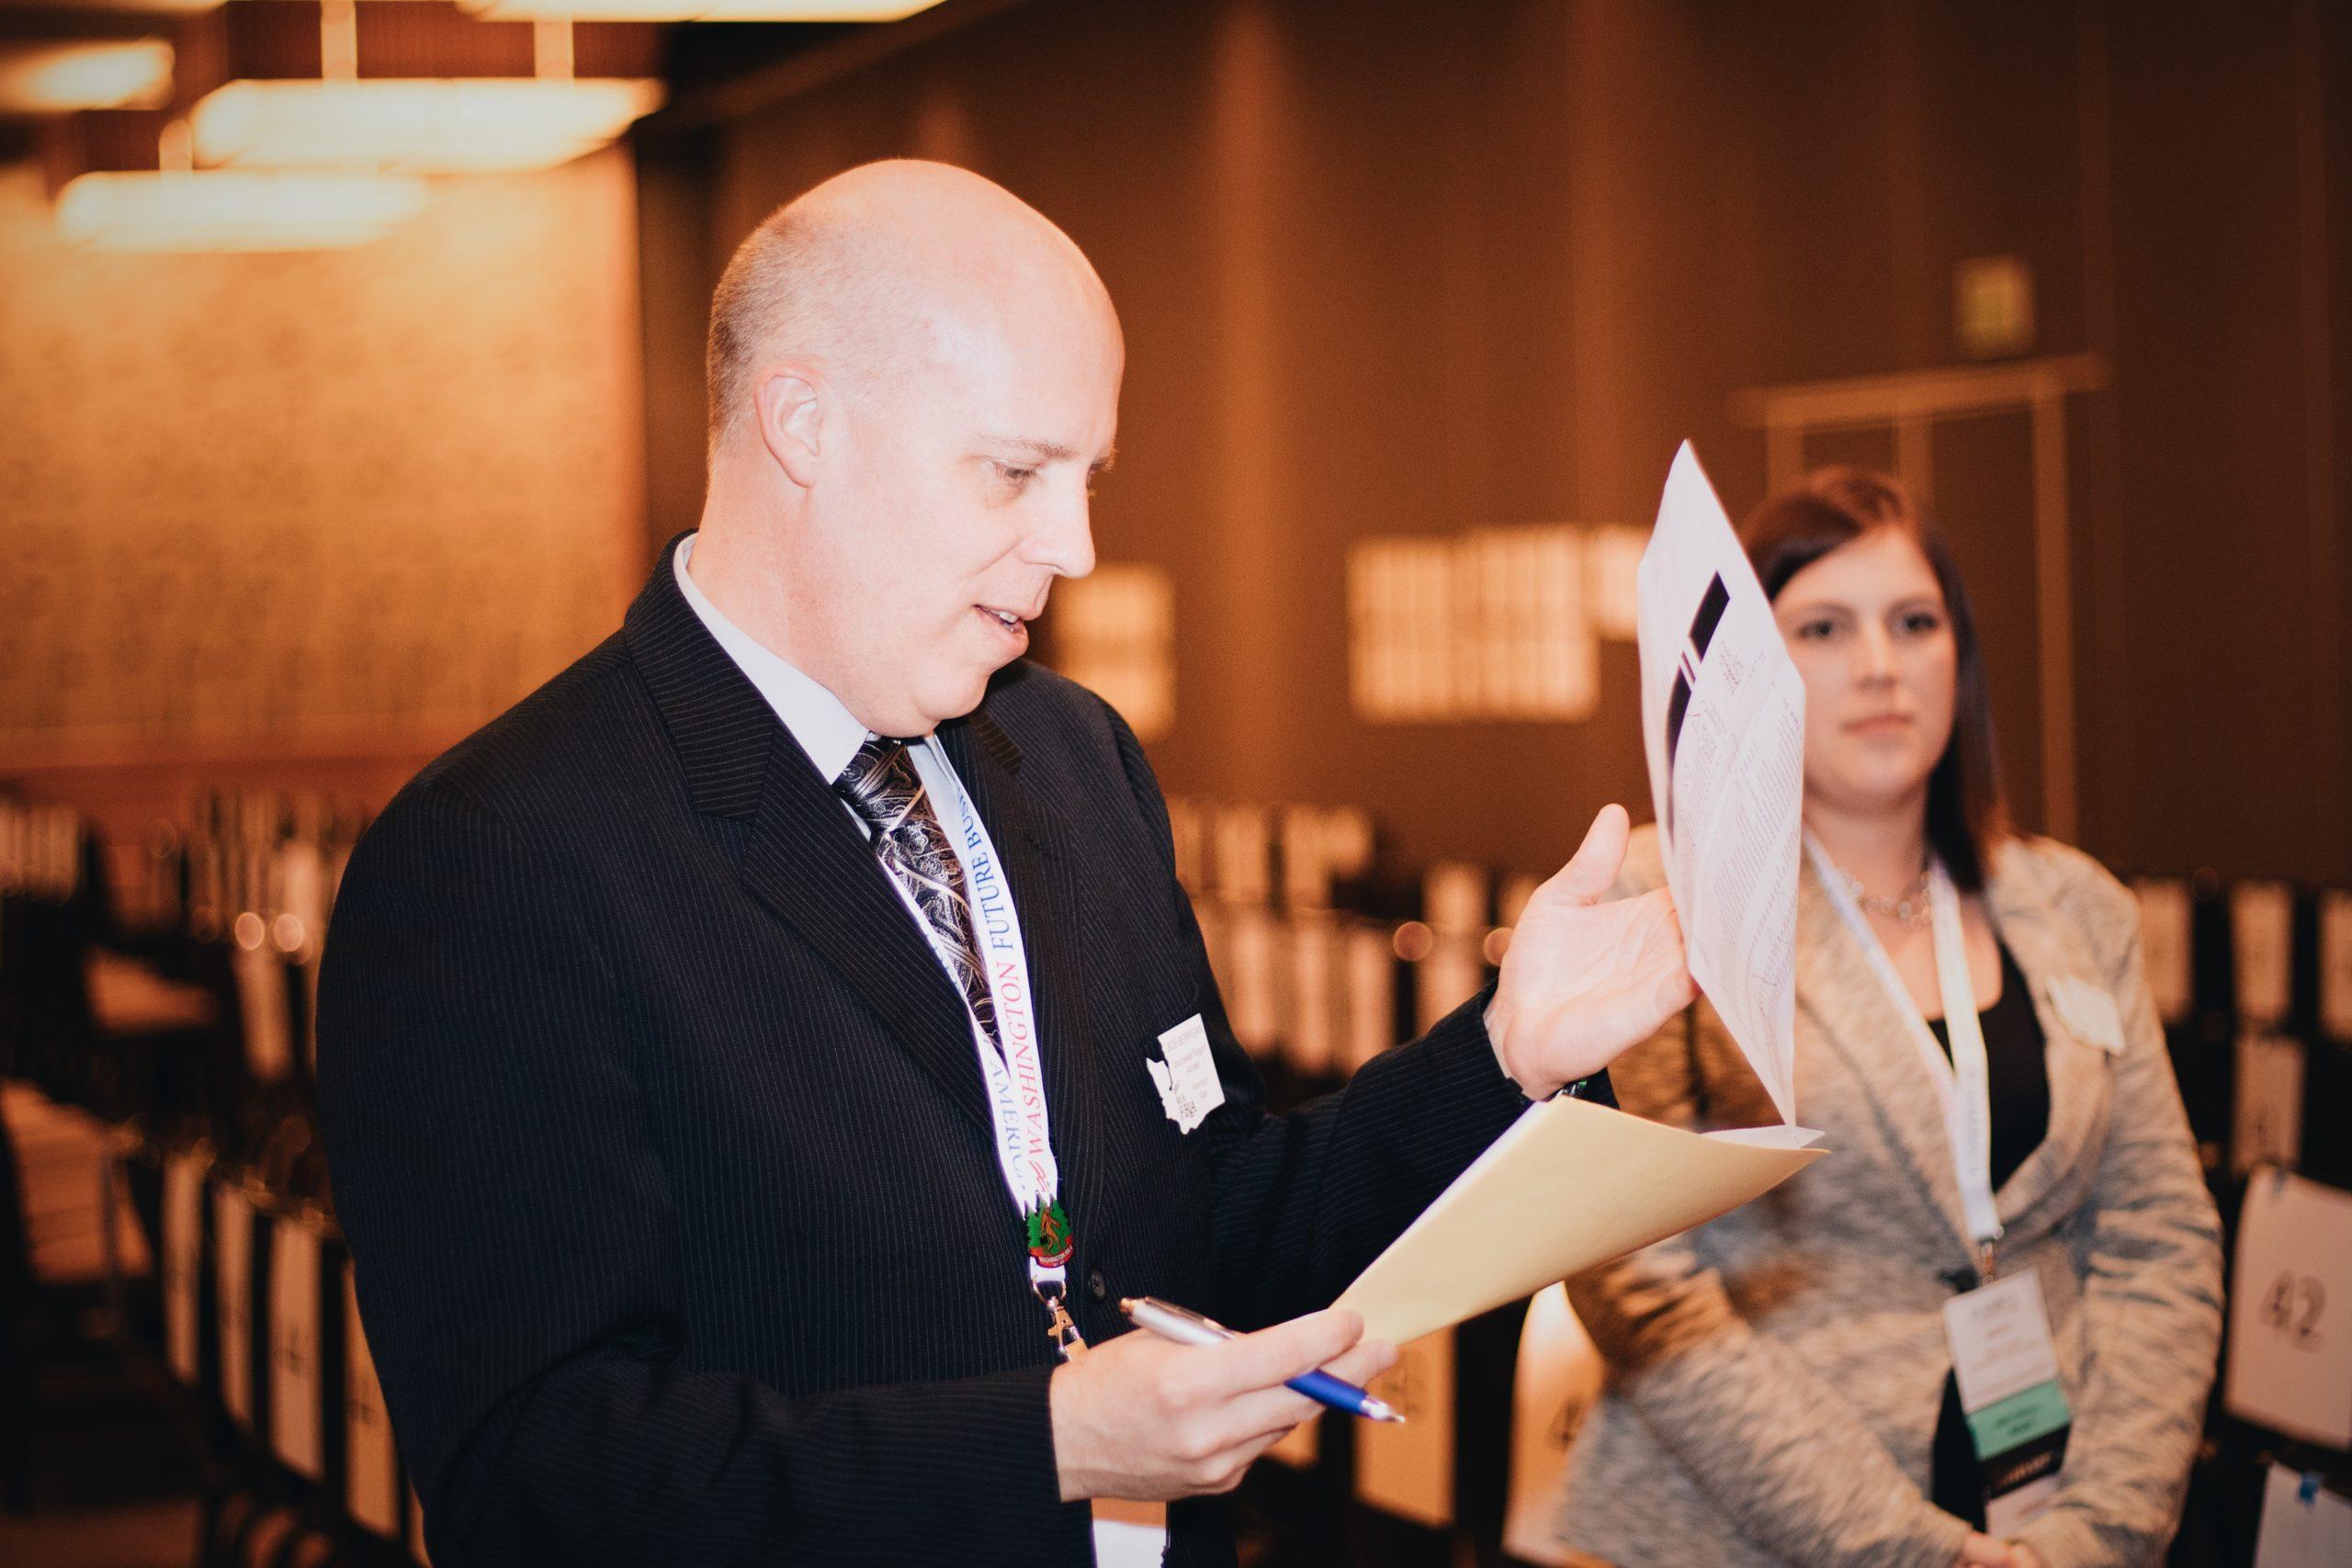 Helping at Washington FBLA Conferences